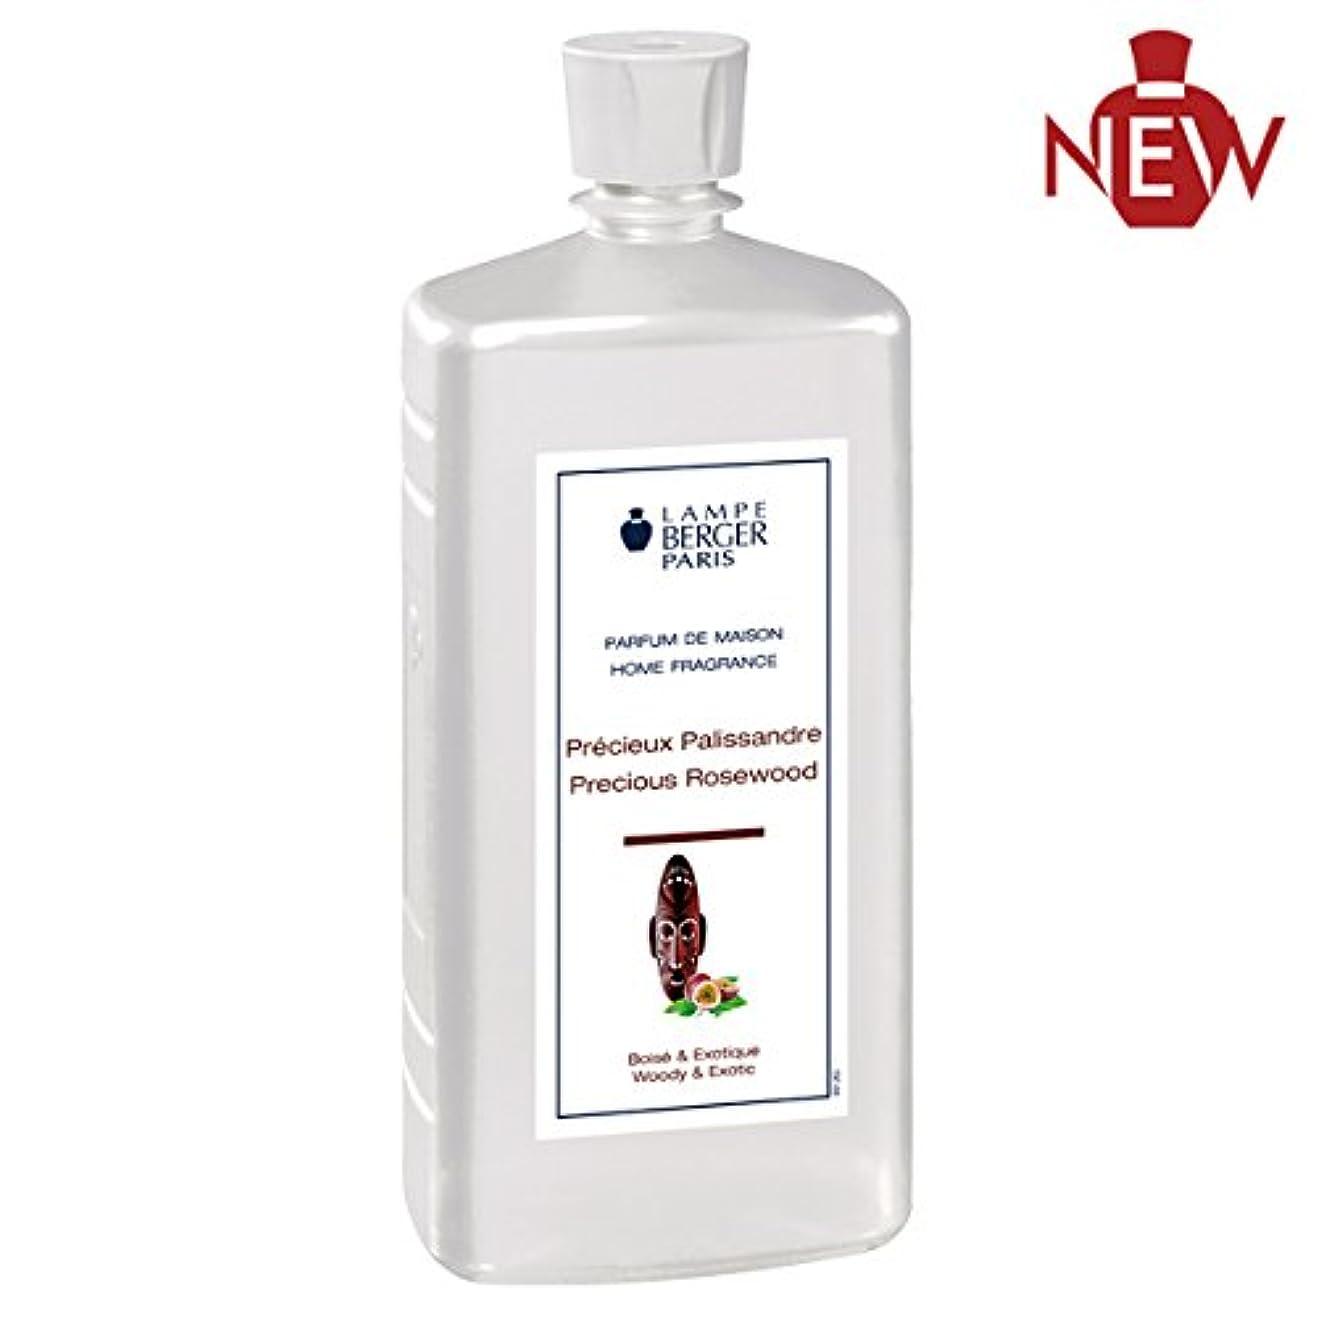 可塑性フィラデルフィアビザランプベルジェパリ直輸入パフュームアロマオイルローズウッド1Lの香り(香水の世界では大変珍しいパリサンダー(アフリカ原産のローズウッド)を繊細に表現した、エキゾチックで力強いフレグランスです。)◆正規輸入品◆Lampe...